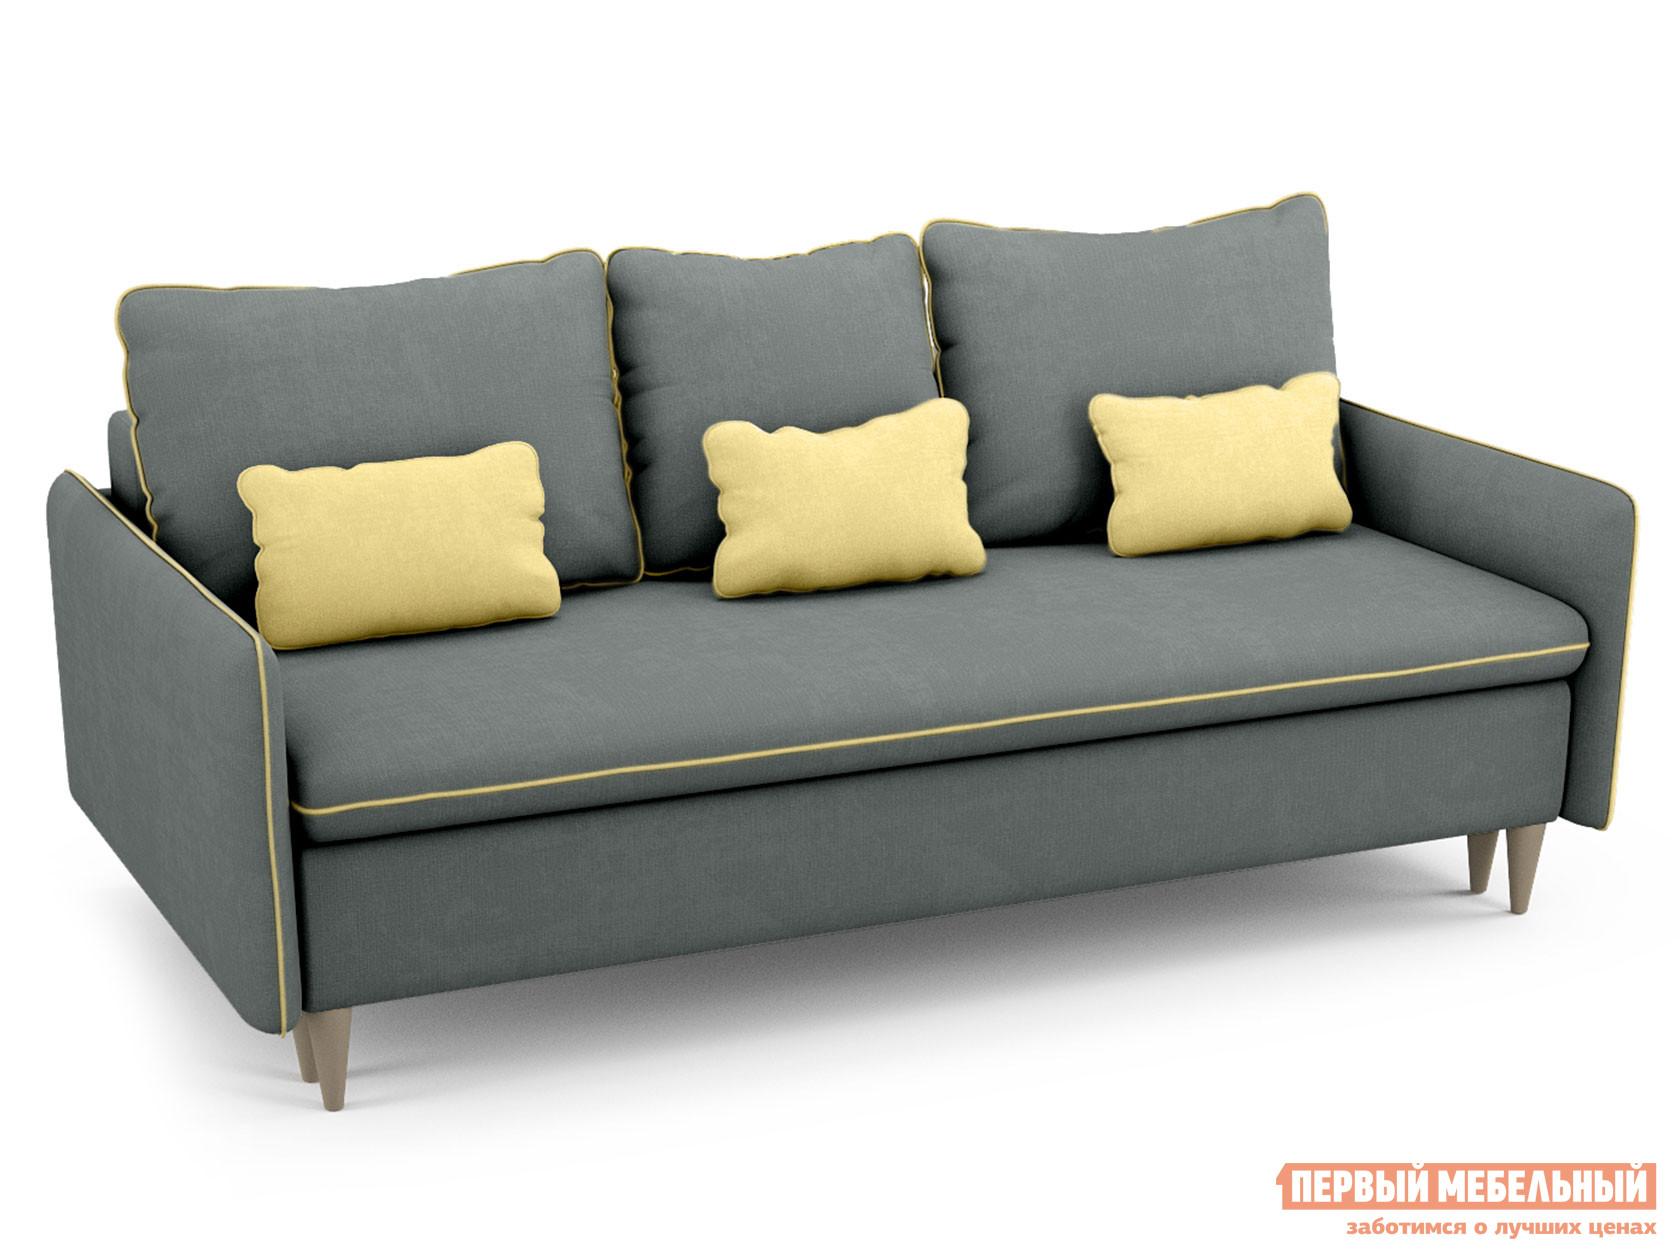 Прямой диван Первый Мебельный Прямой диван Рони